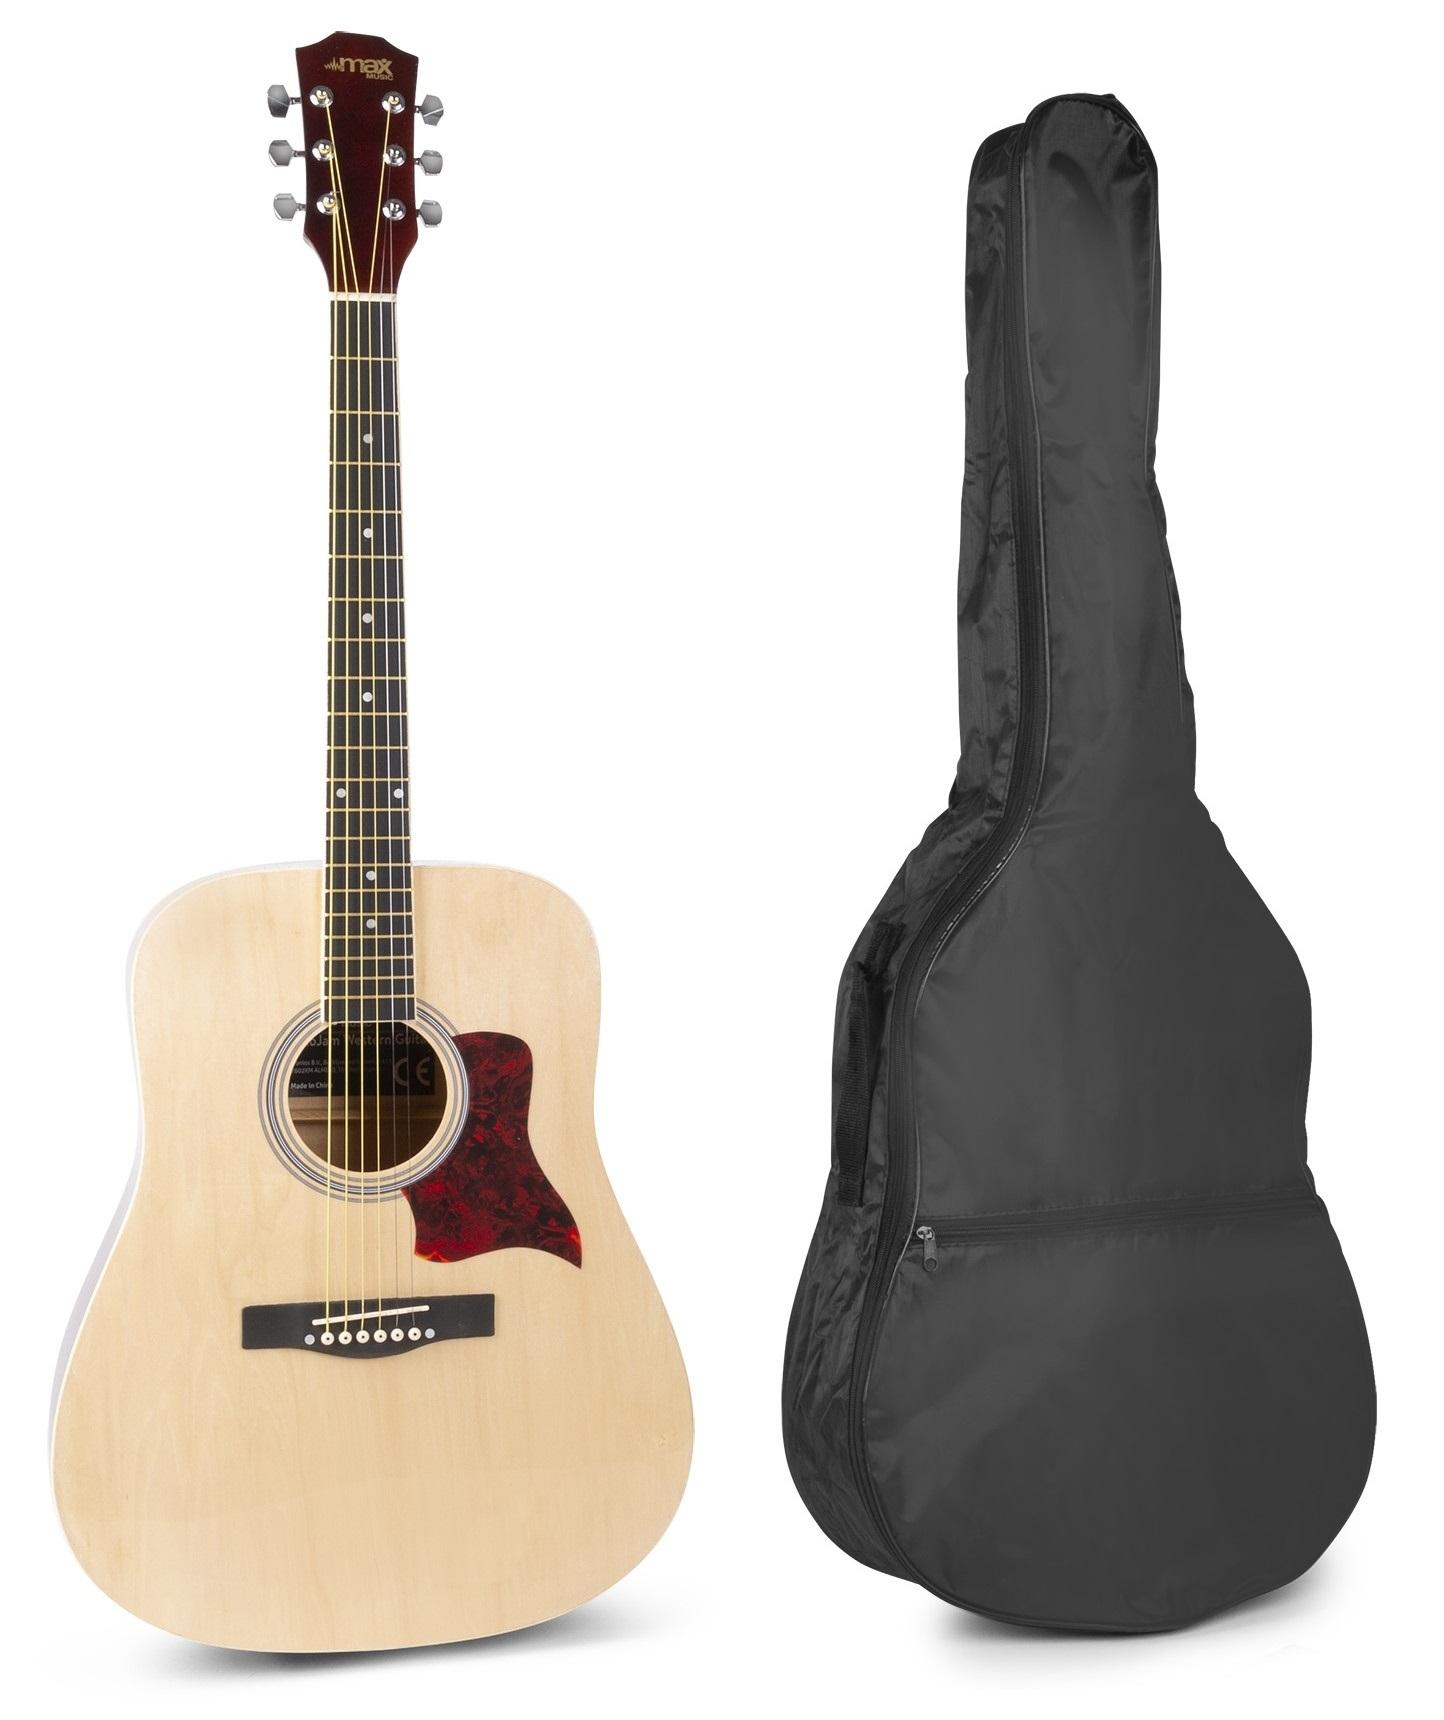 Pack Solojam Guitarra Acústica + Acessórios (Madeira) - MAX